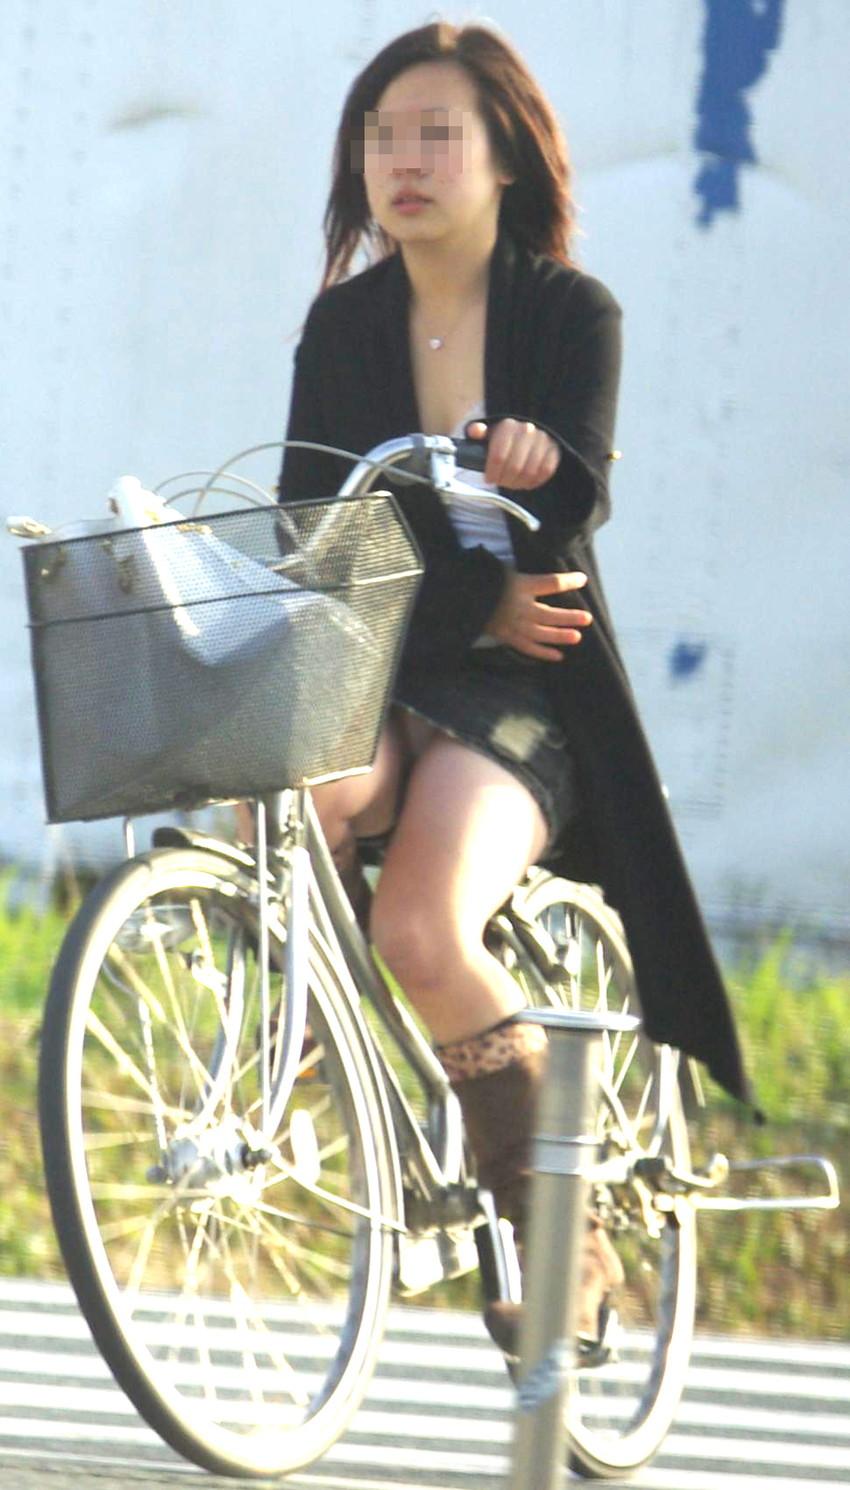 自転車OLのニットカーディガン美乳盗撮エロ画像13枚目